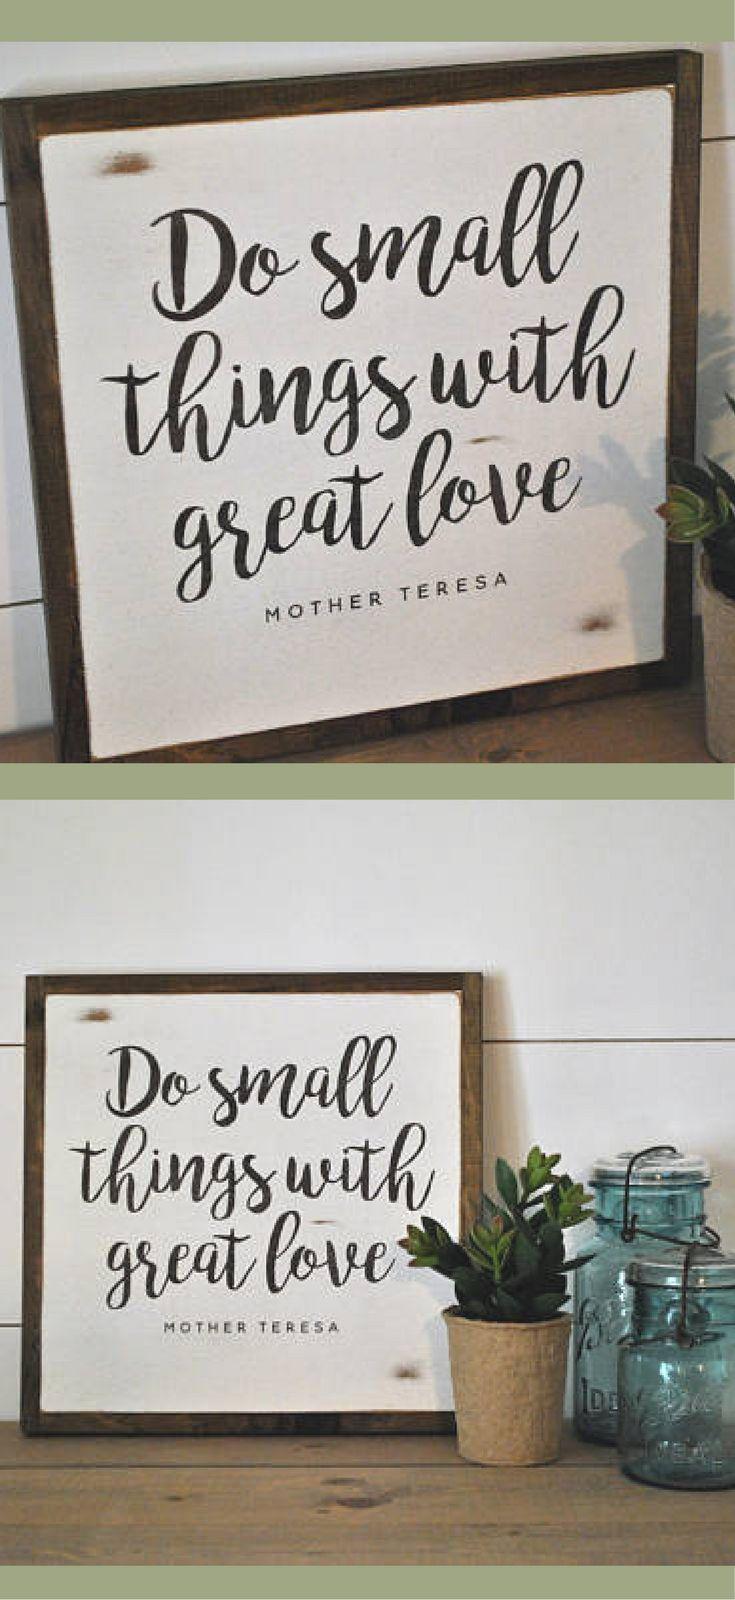 Mother teresa quote art